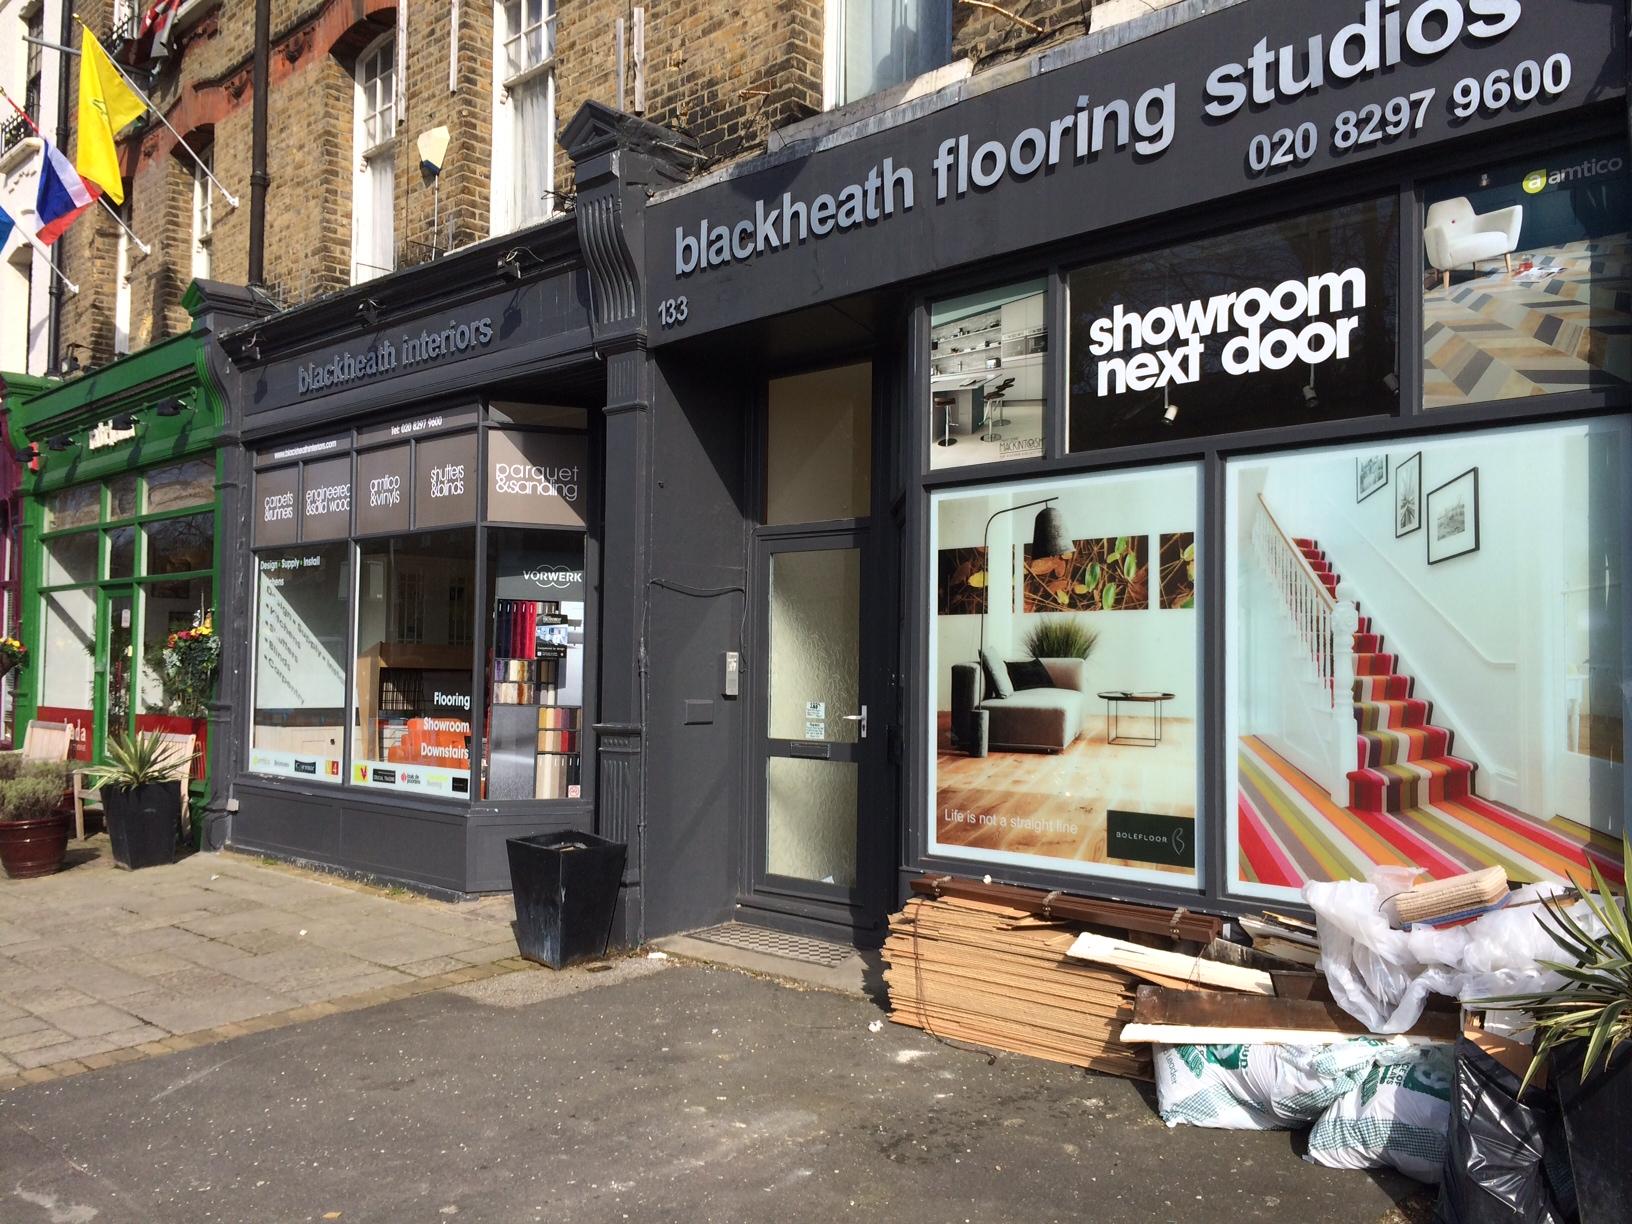 Blackheath Flooring